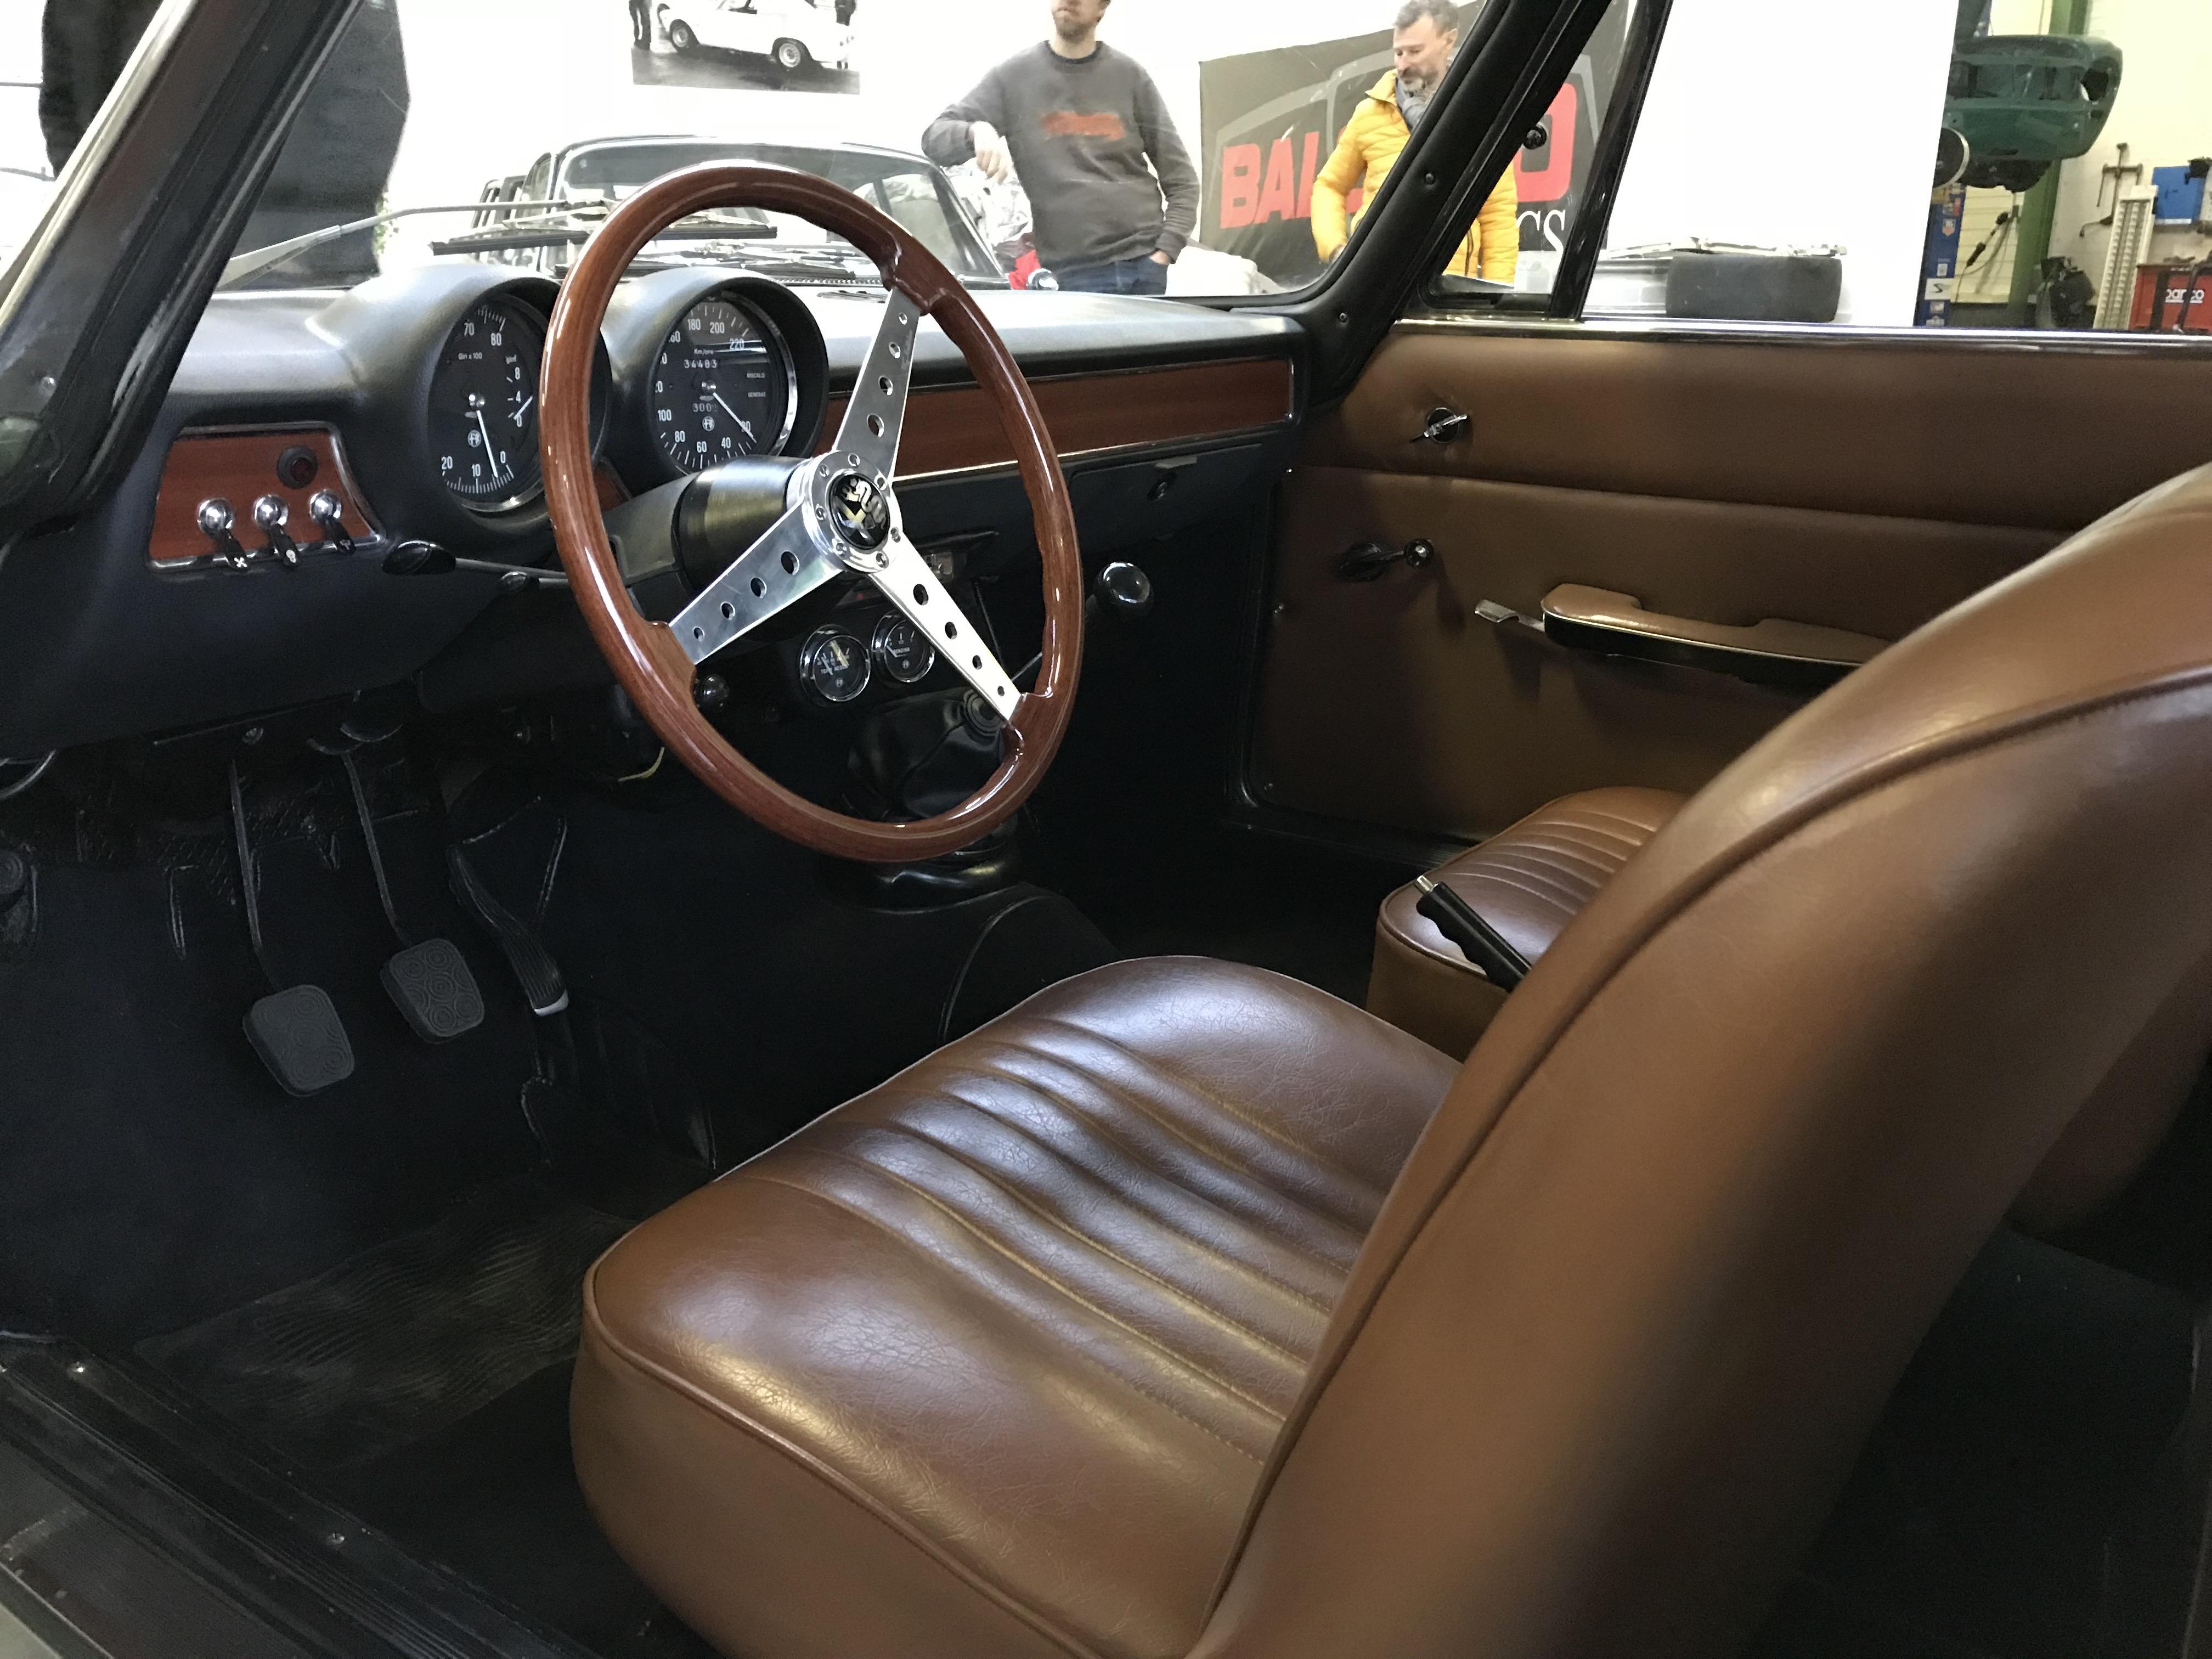 bertone GT 1300 Junior - 1973 - Vert Olive 9sP358